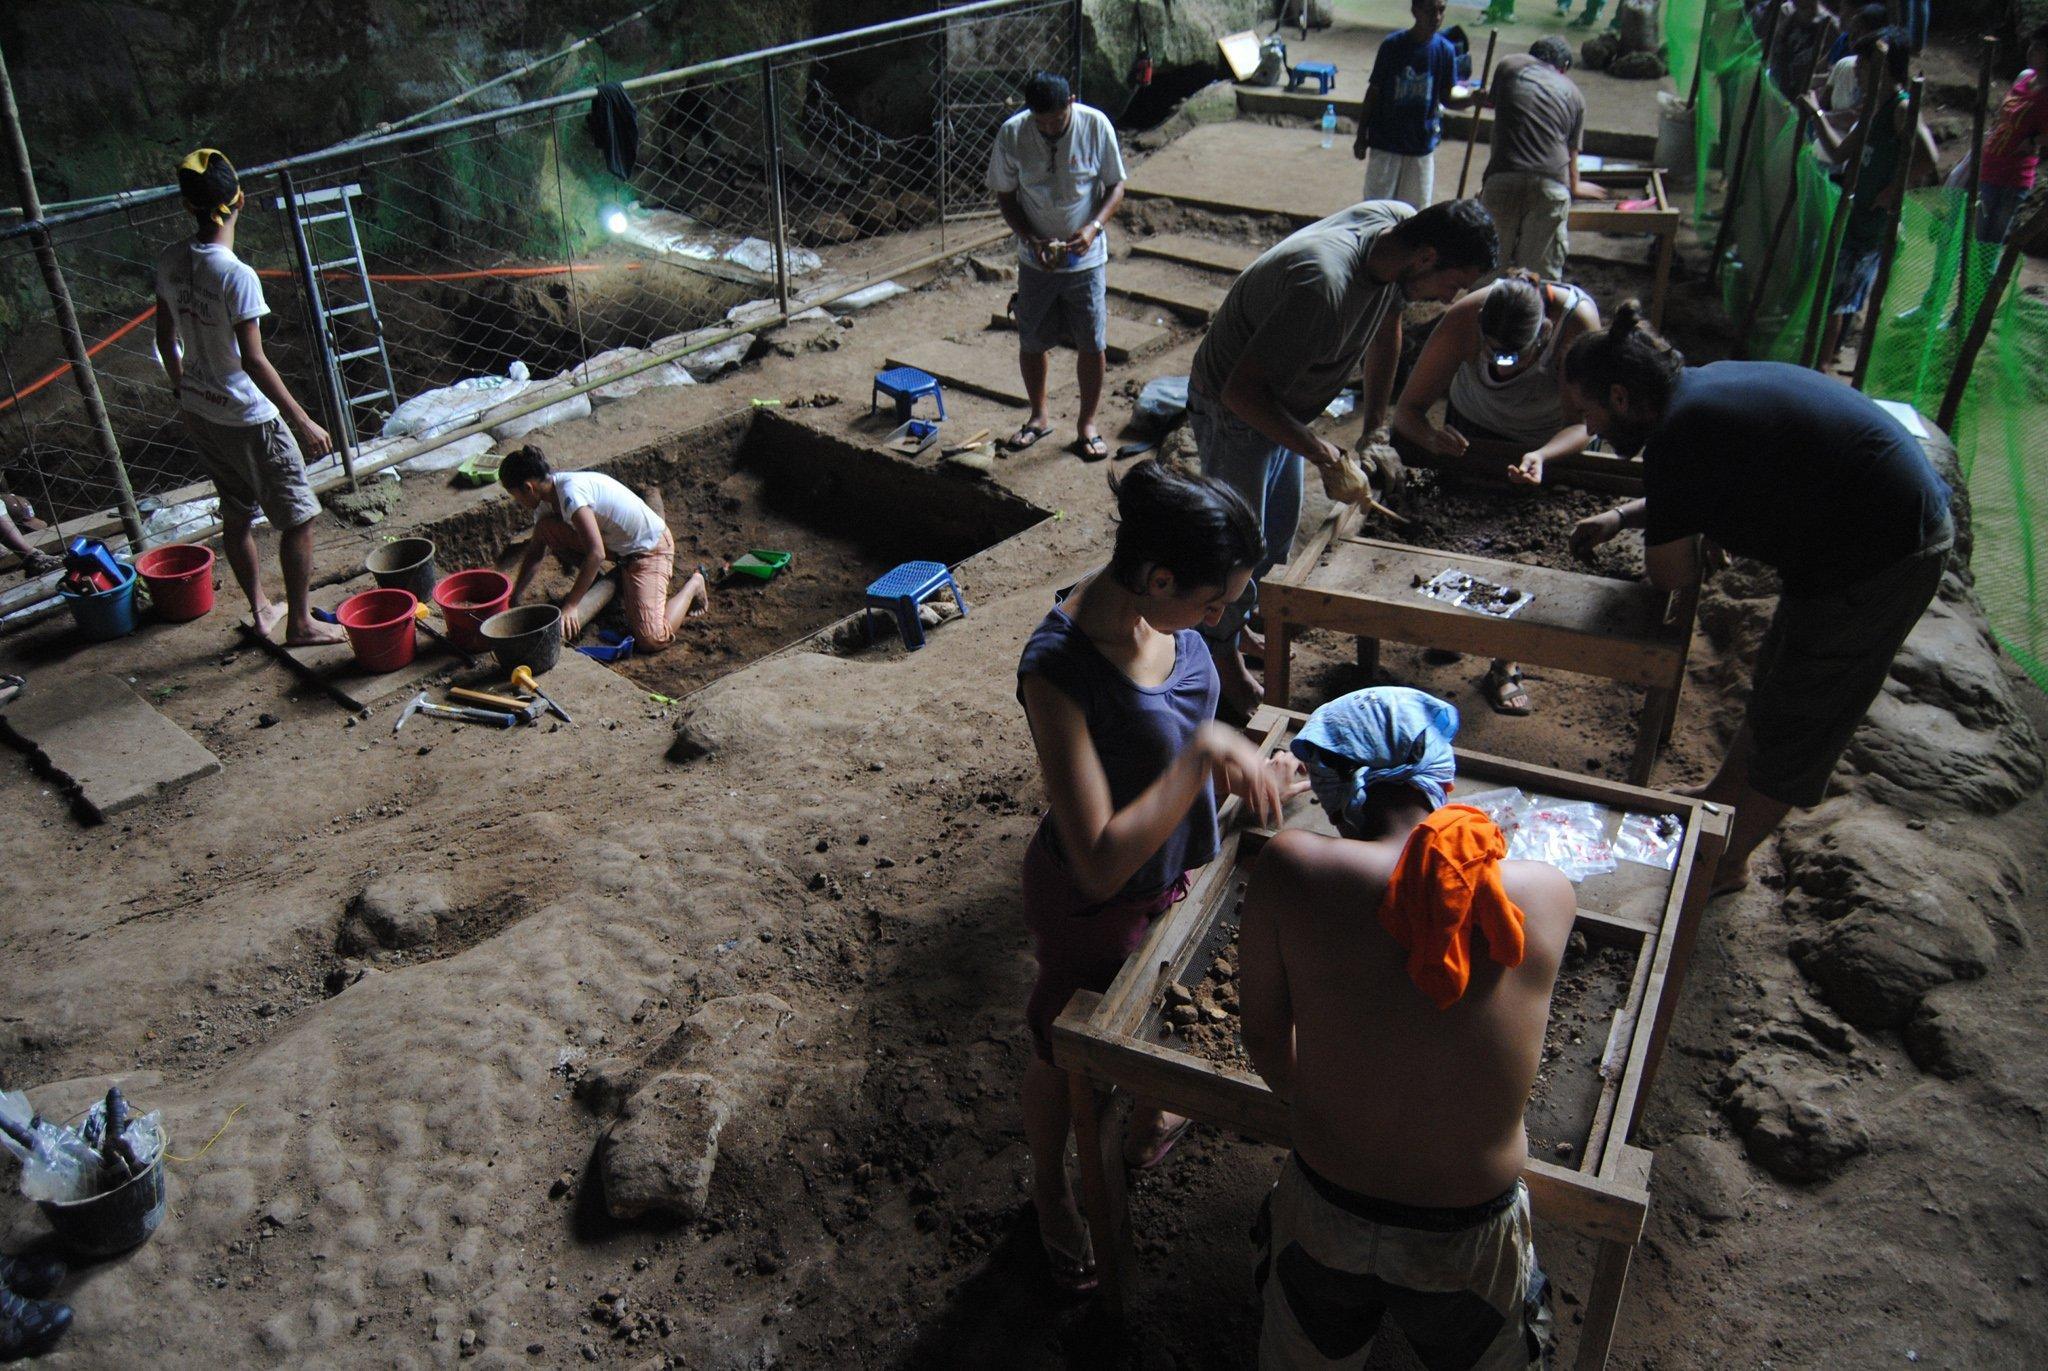 Am Boden der philippinischen Callao-Höhle sind arbeitende Wissenschaftler zu sehen, die in mühsamer, detektivischer Kleinarbeit  Fossilien freilegen. Hier fanden sie die Überreste von Homo luzonensis: Zähne, Fuß- und Handknochen sowie einen Oberschenkelknochen.